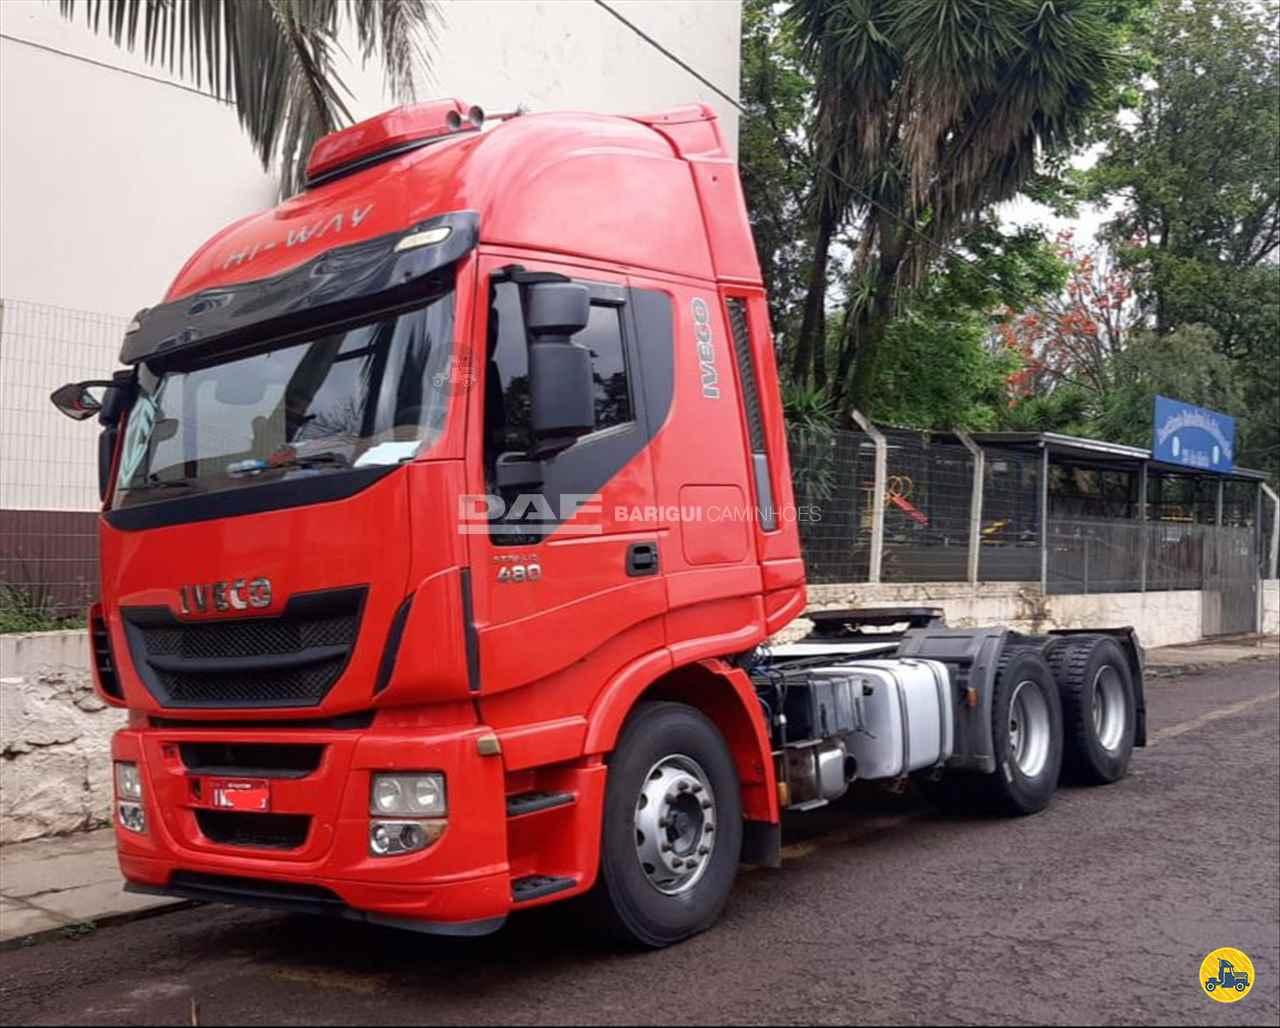 CAMINHAO IVECO TRAKER 480 Chassis Traçado 6x4 DAF Barigui Chapecó (Cordilheira Alta) CORDILHEIRA ALTA SANTA CATARINA SC